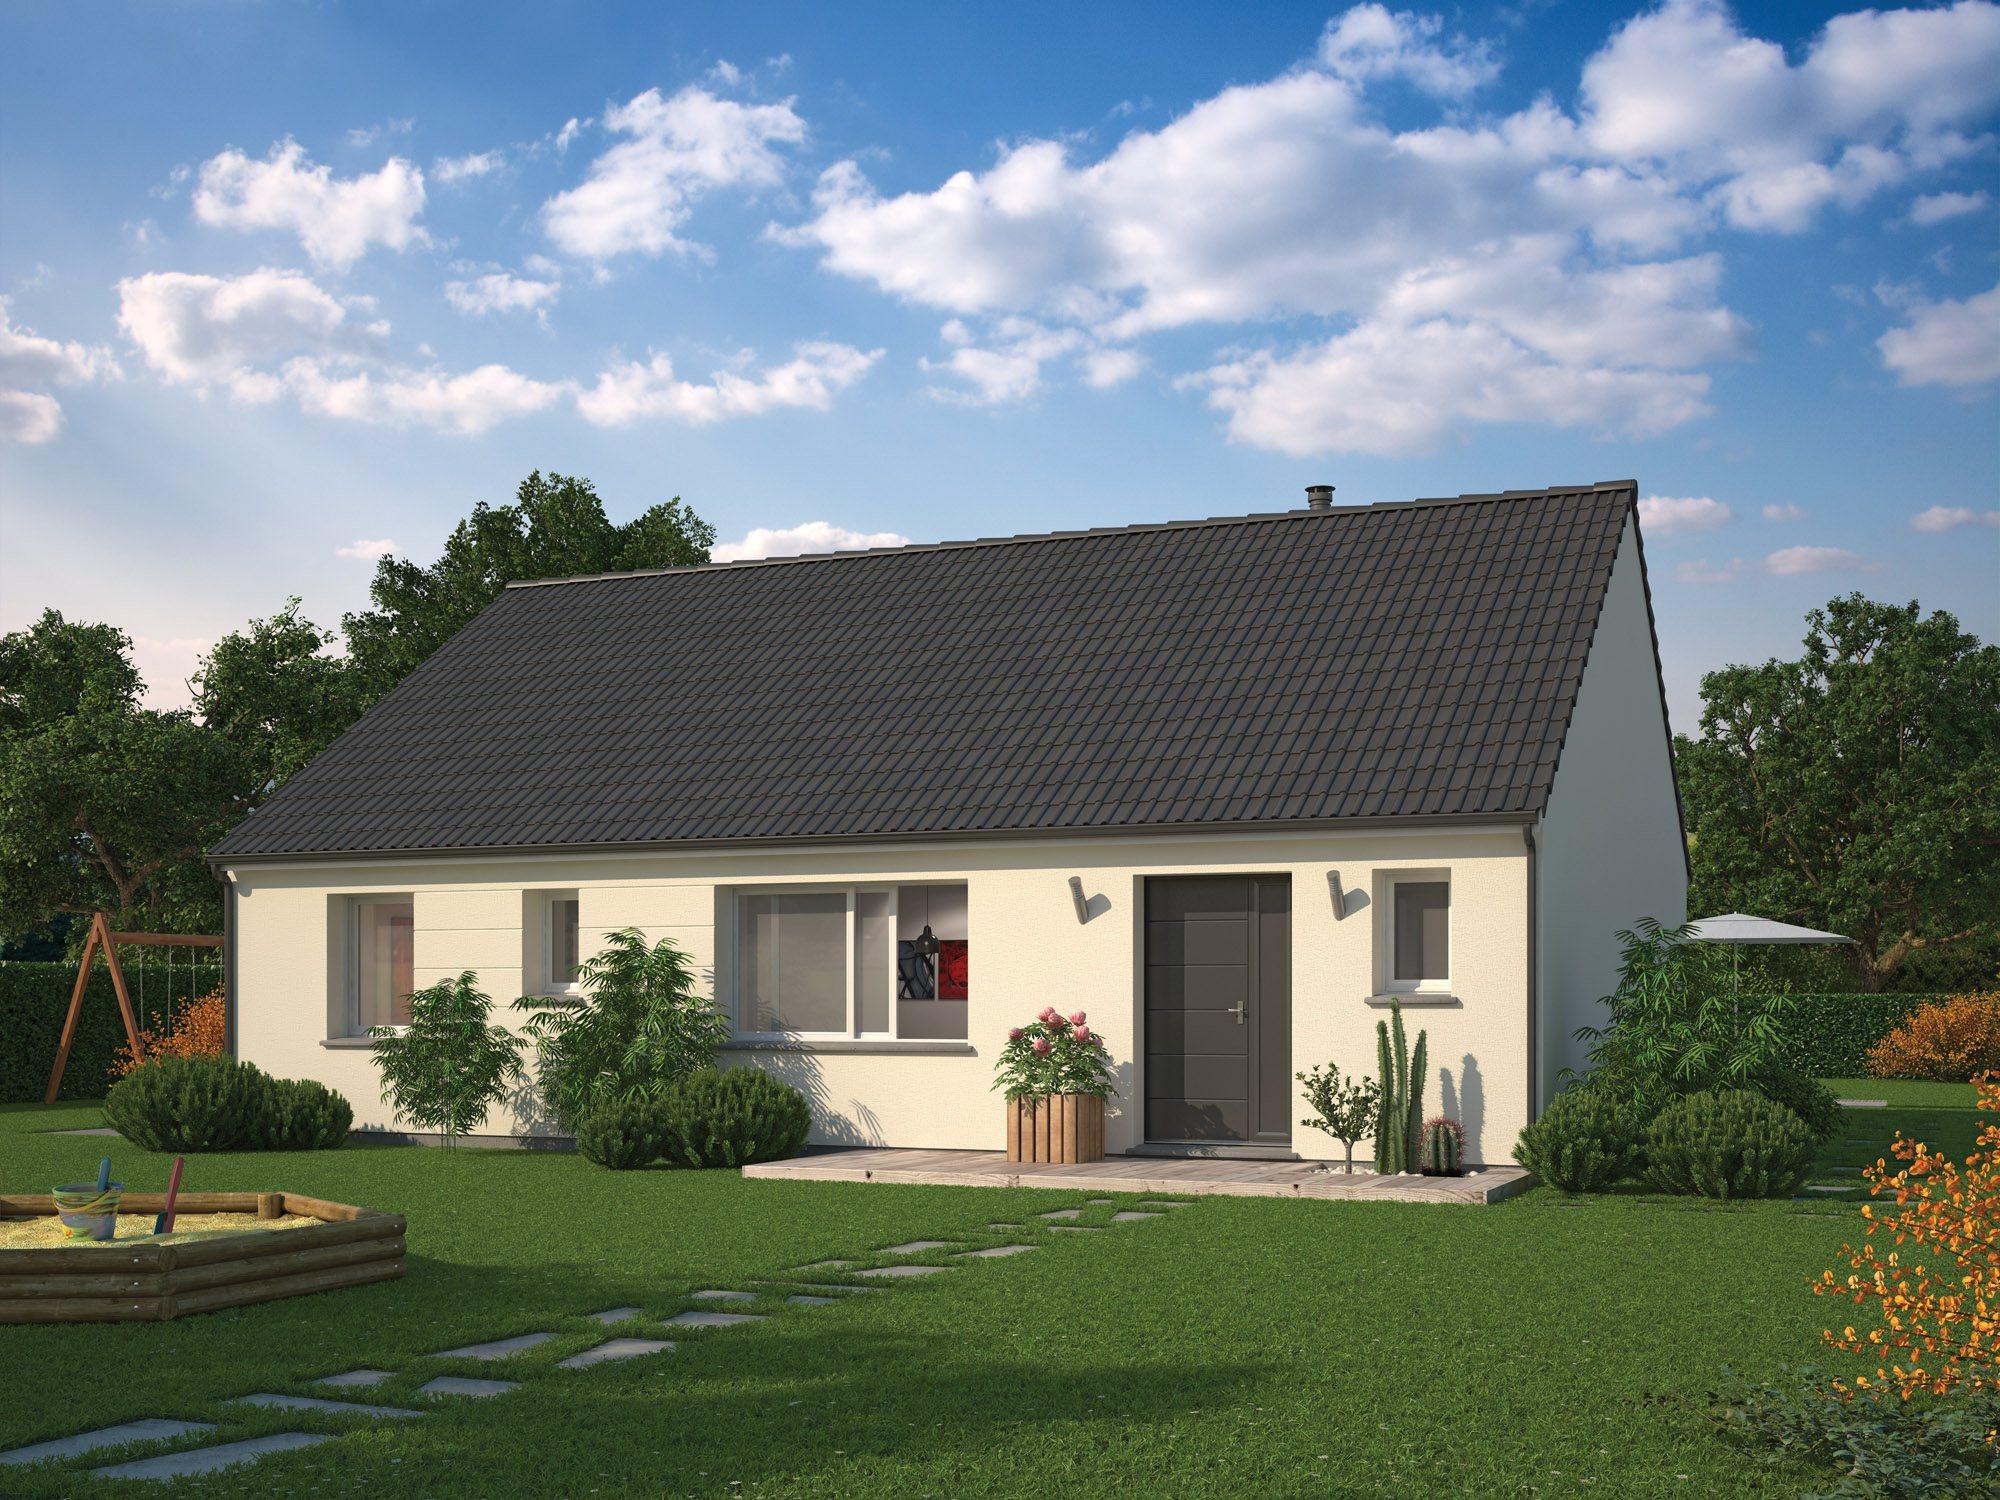 Maisons + Terrains du constructeur Maison Familiale Saint Quentin • 80 m² • VERVINS